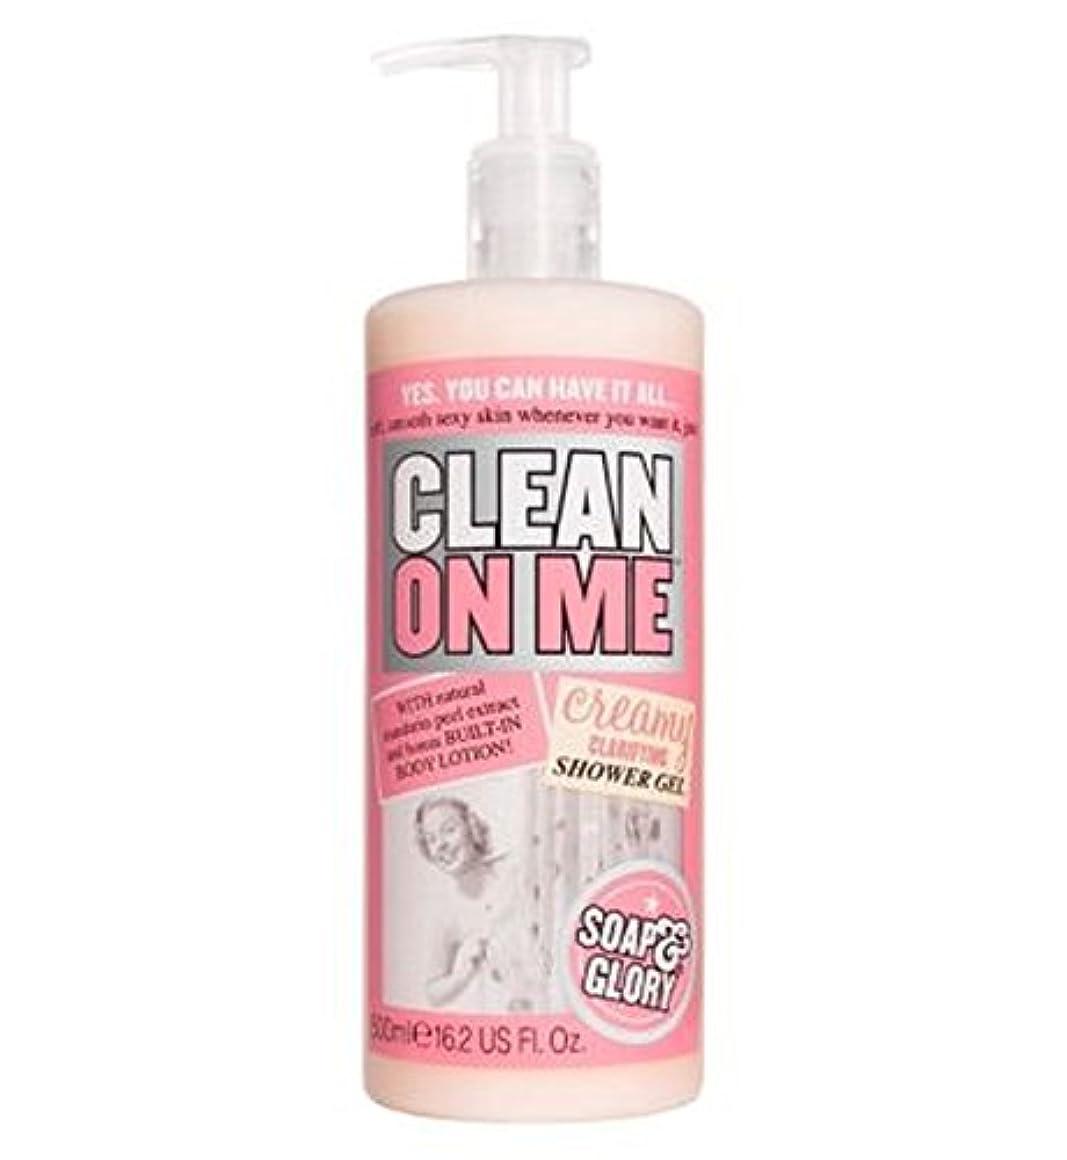 感謝する遅滞はがきSoap & Glory Clean On Me Creamy Clarifying Shower Gel 500ml - 私にきれいな石鹸&栄光はシャワージェル500ミリリットルを明確にクリーミー (Soap & Glory) [並行輸入品]